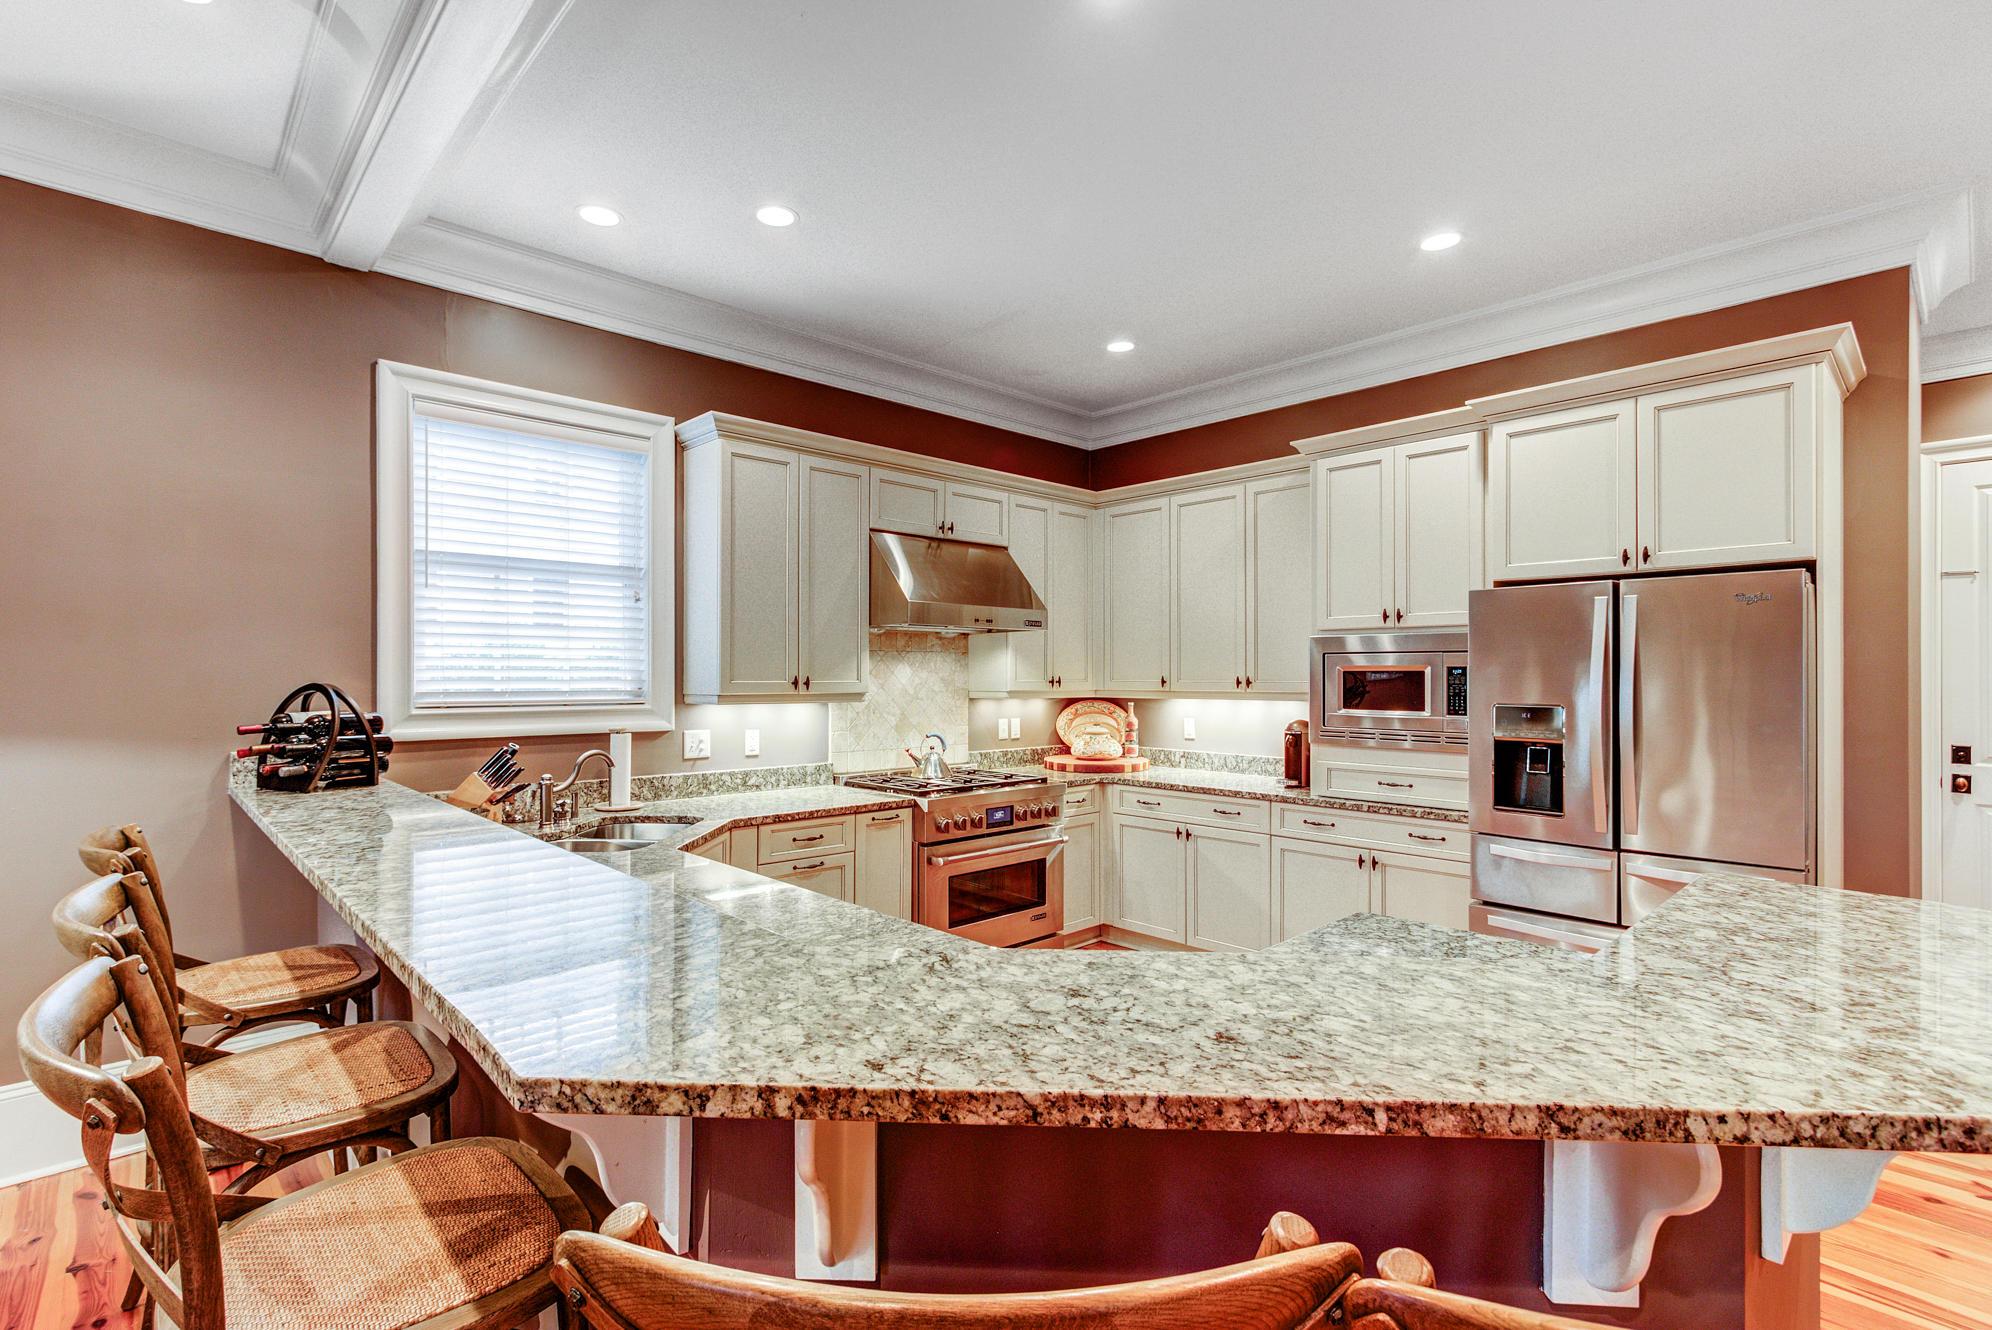 Park West Homes For Sale - 1527 Capel, Mount Pleasant, SC - 5